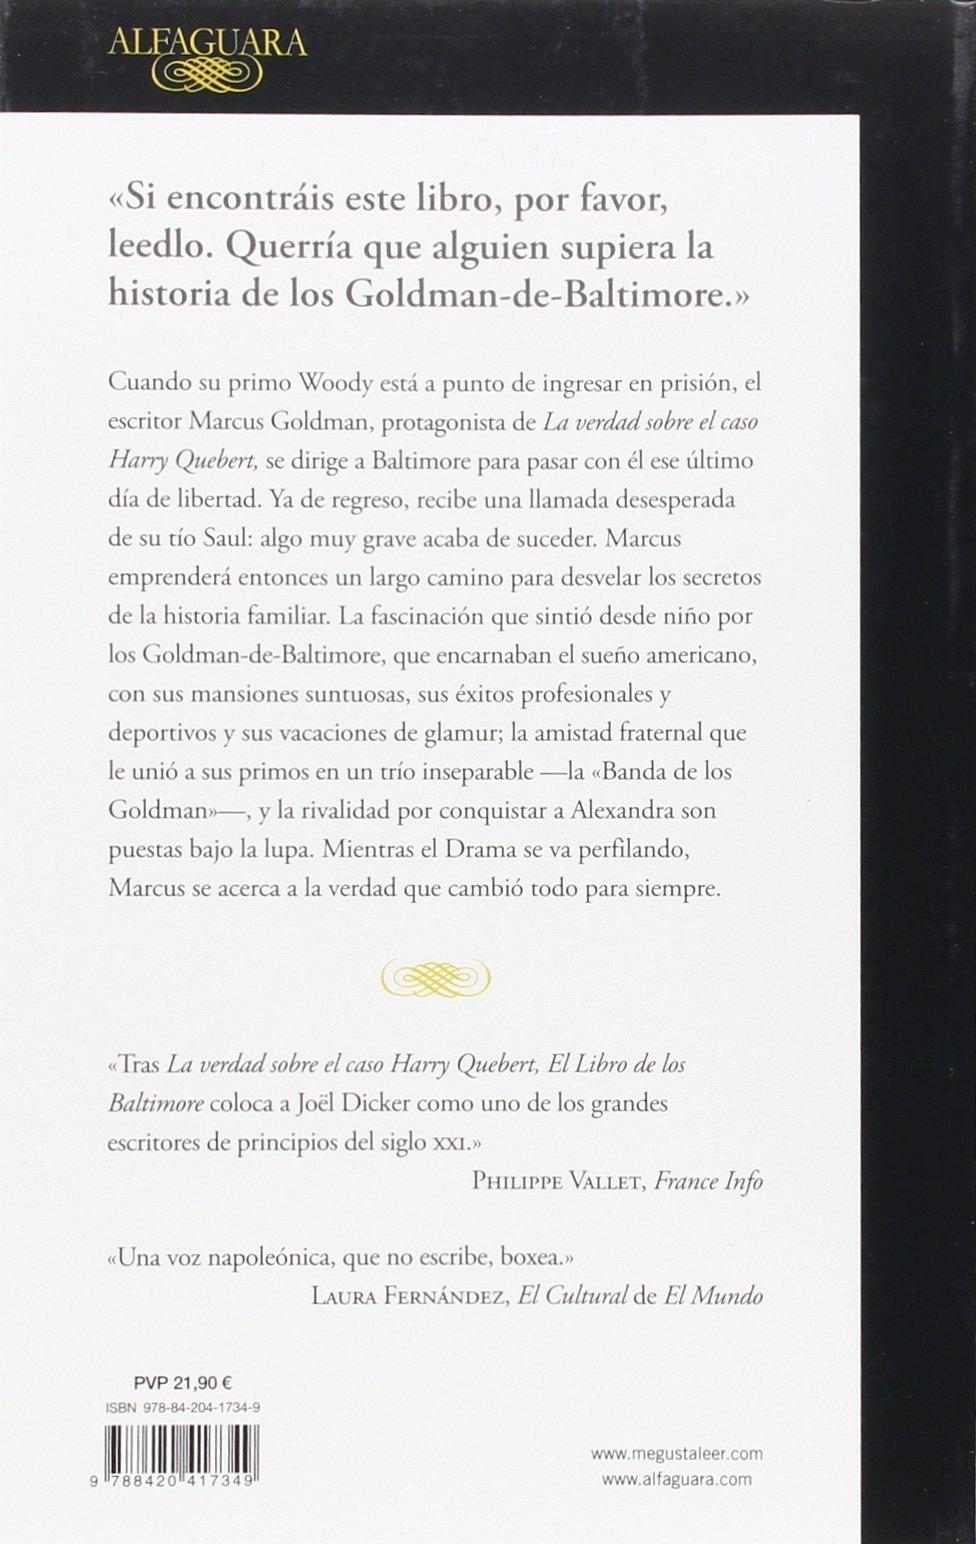 El Libro de los Baltimore (Literaturas): Amazon.es: DICKER, JOEL, DICKER, JOEL, GARCIA GALLEGO, AMAYA;GALLEGO URRUTIA, MARIA TERESA;: Libros